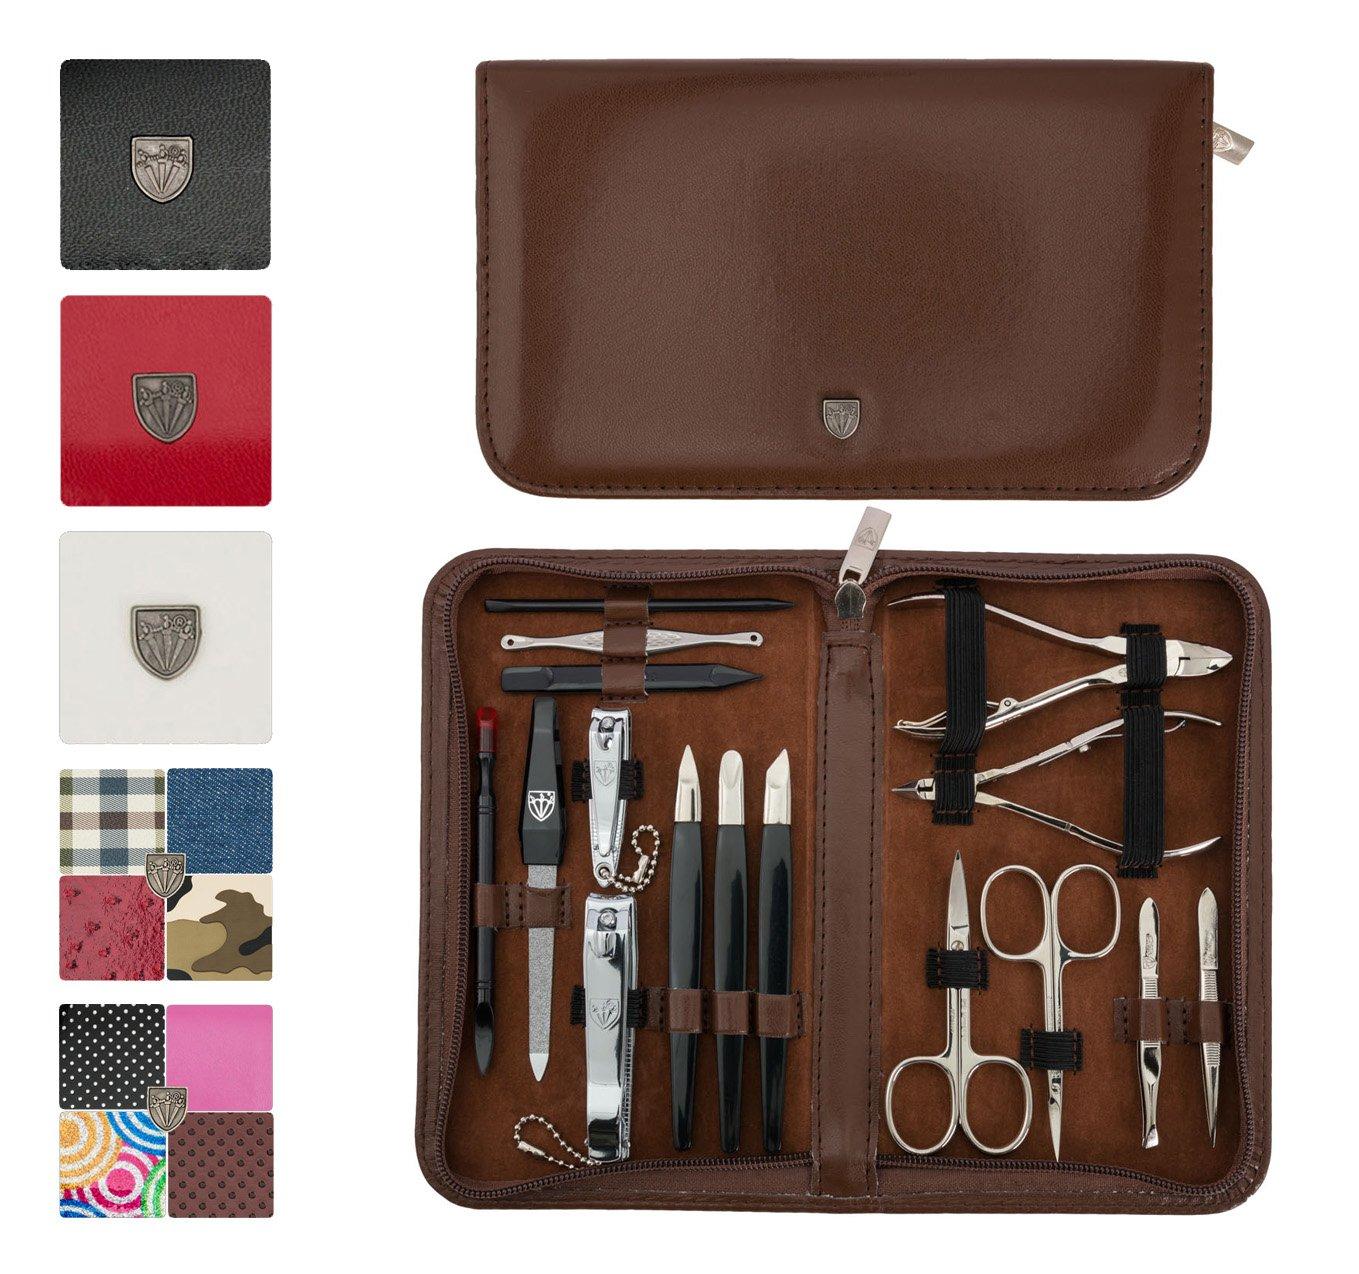 Amazon.com : 3 Swords Germany - brand quality 16 piece manicure ...